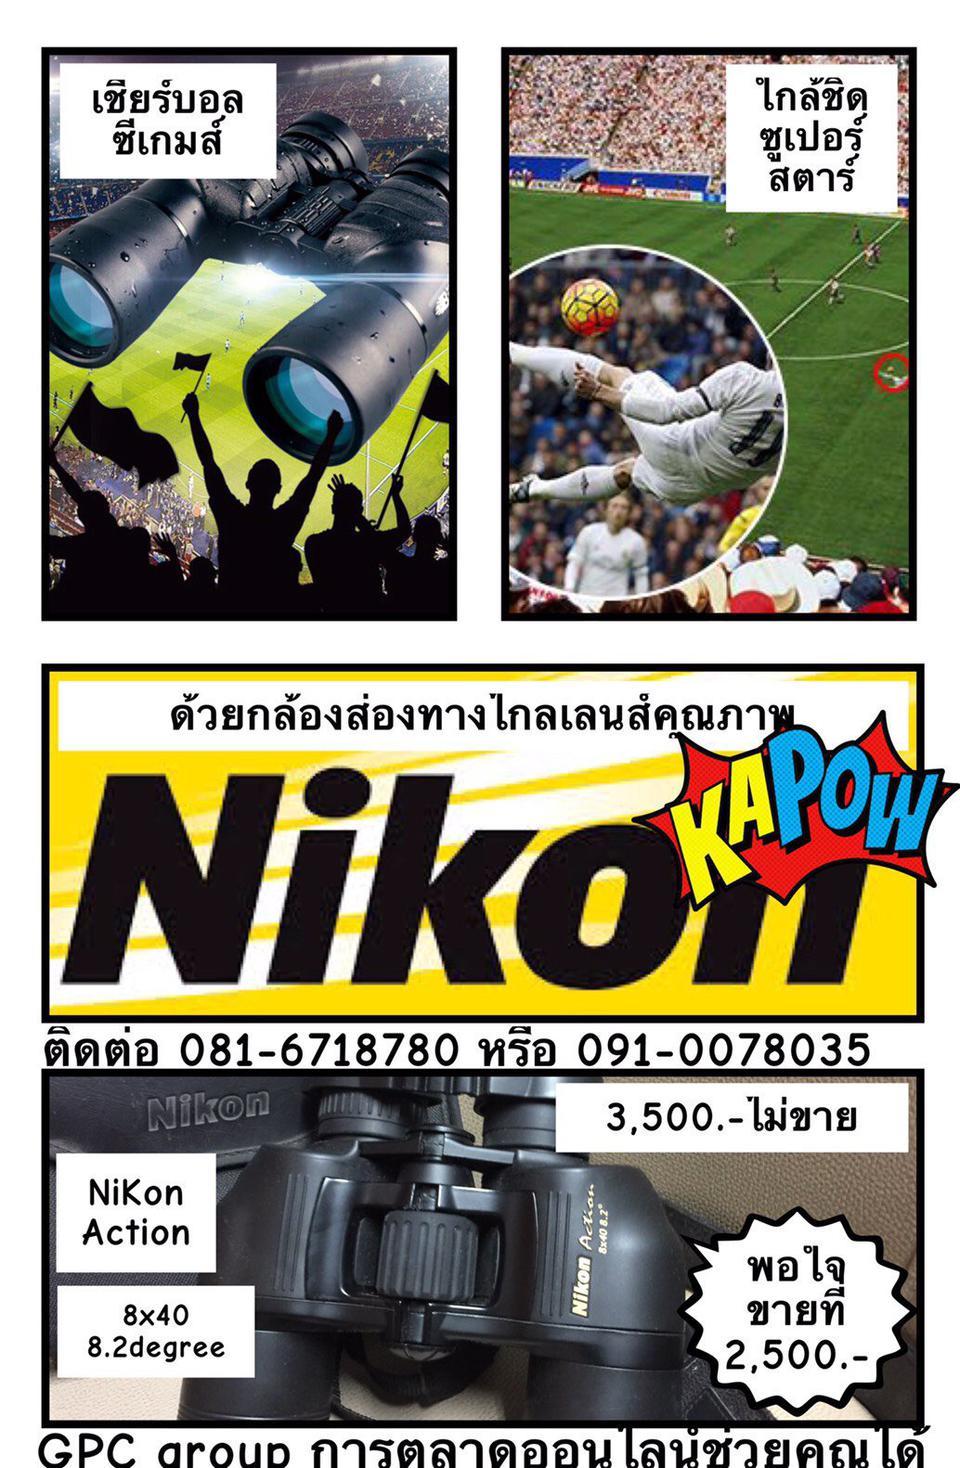 ขายกล้องส่องทางไกล NIKON รุ่น Action 8x10 8.2degree รูปที่ 1